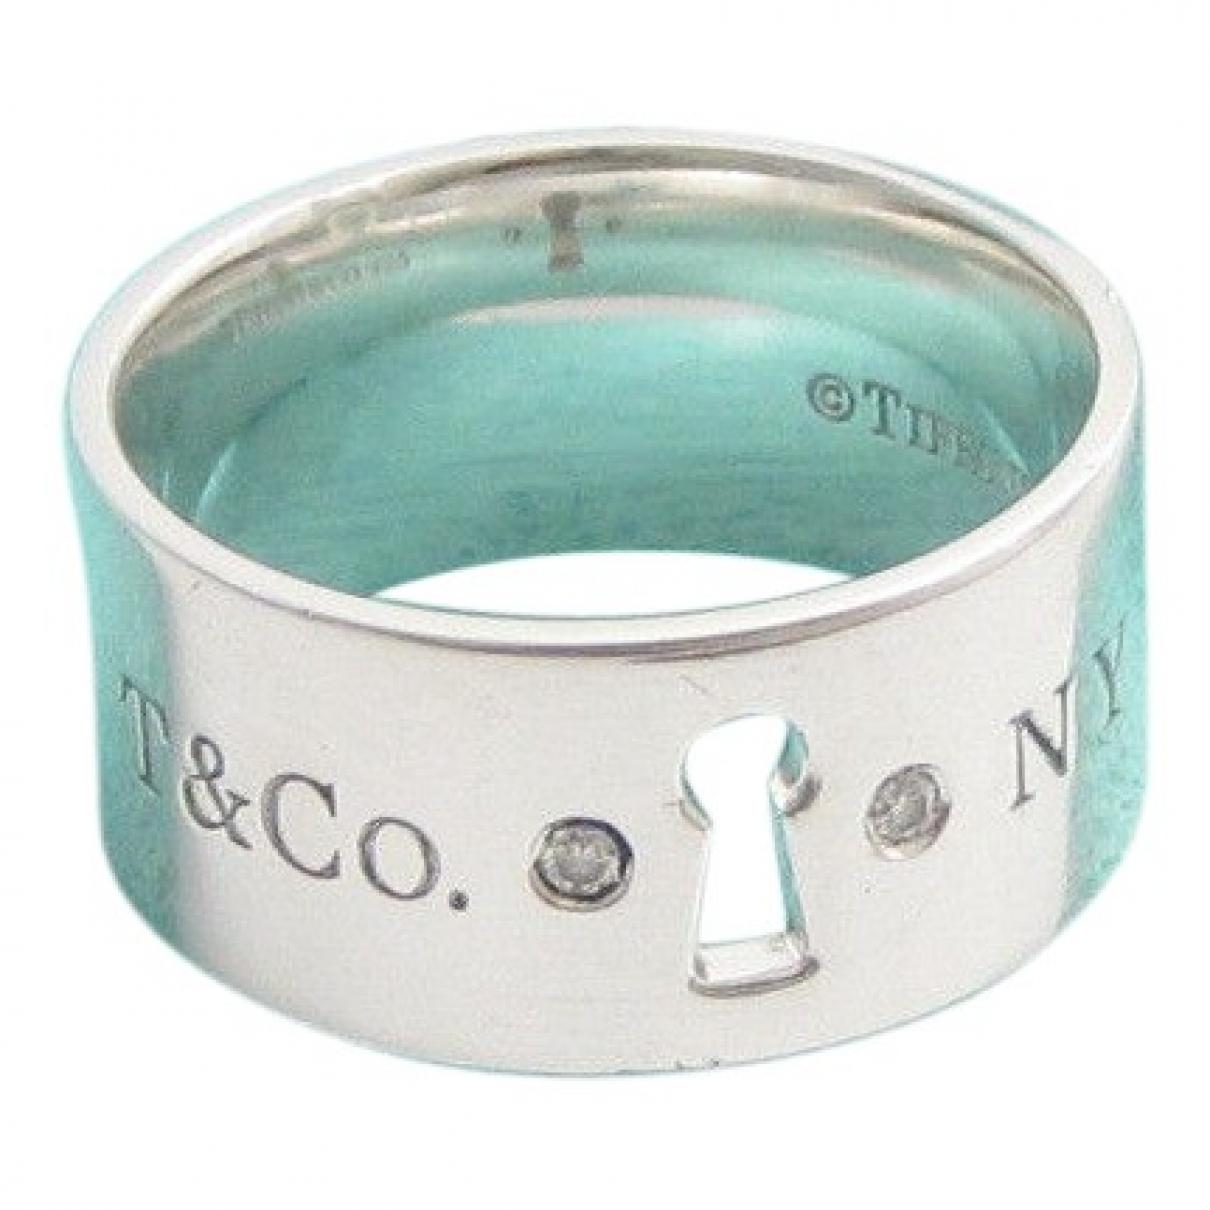 Tiffany & Co - Bague   pour femme en soie - argente